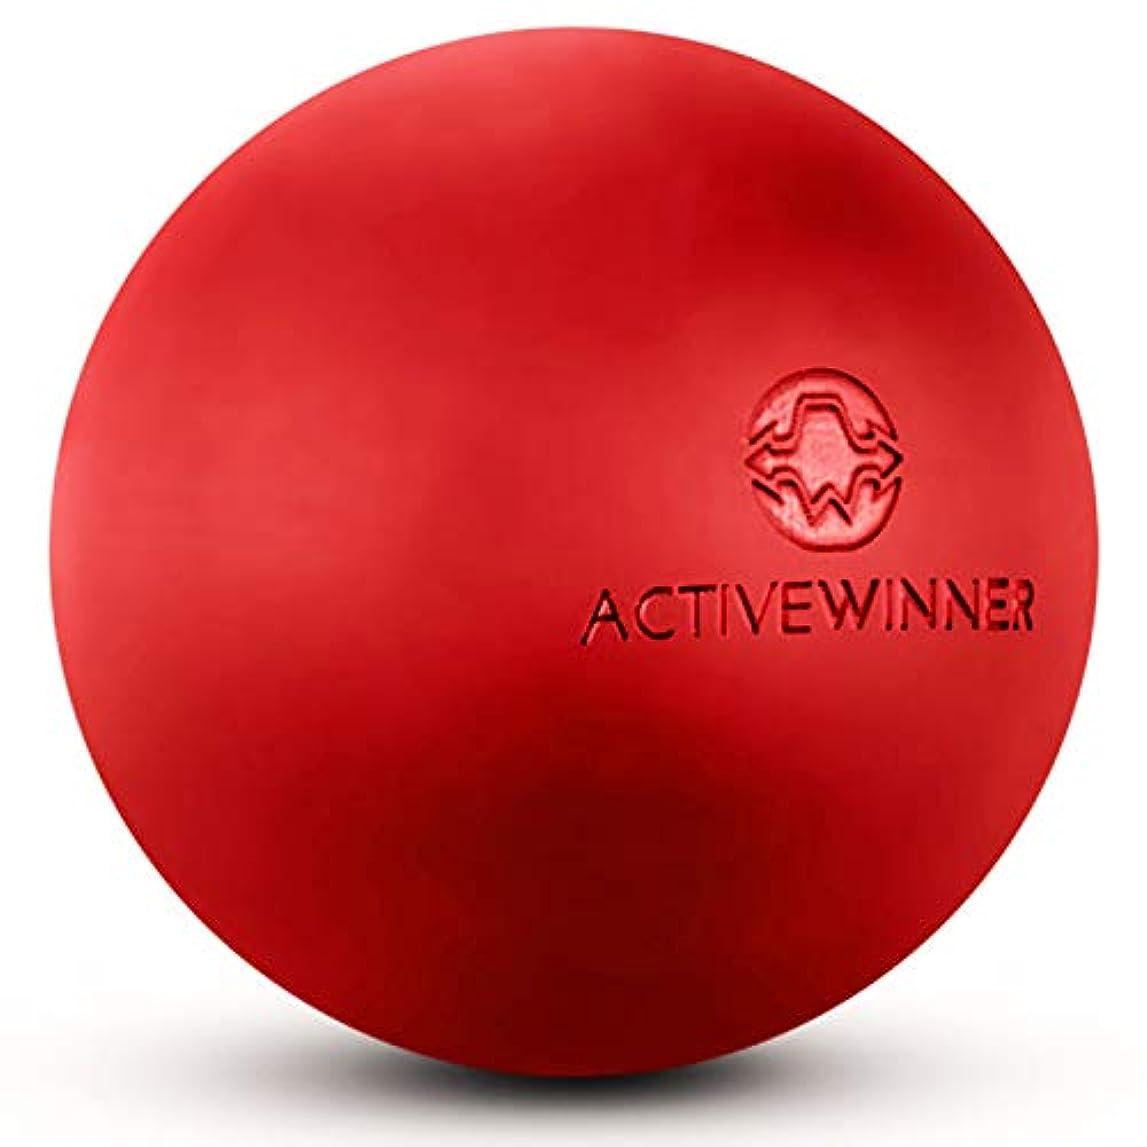 枯れる利益ワーカーActive Winner マッサージボール トリガーポイント (レッド) ストレッチボール 筋膜リリース トレーニング 背中 肩こり 腰 ふくらはぎ 足 ツボ押し